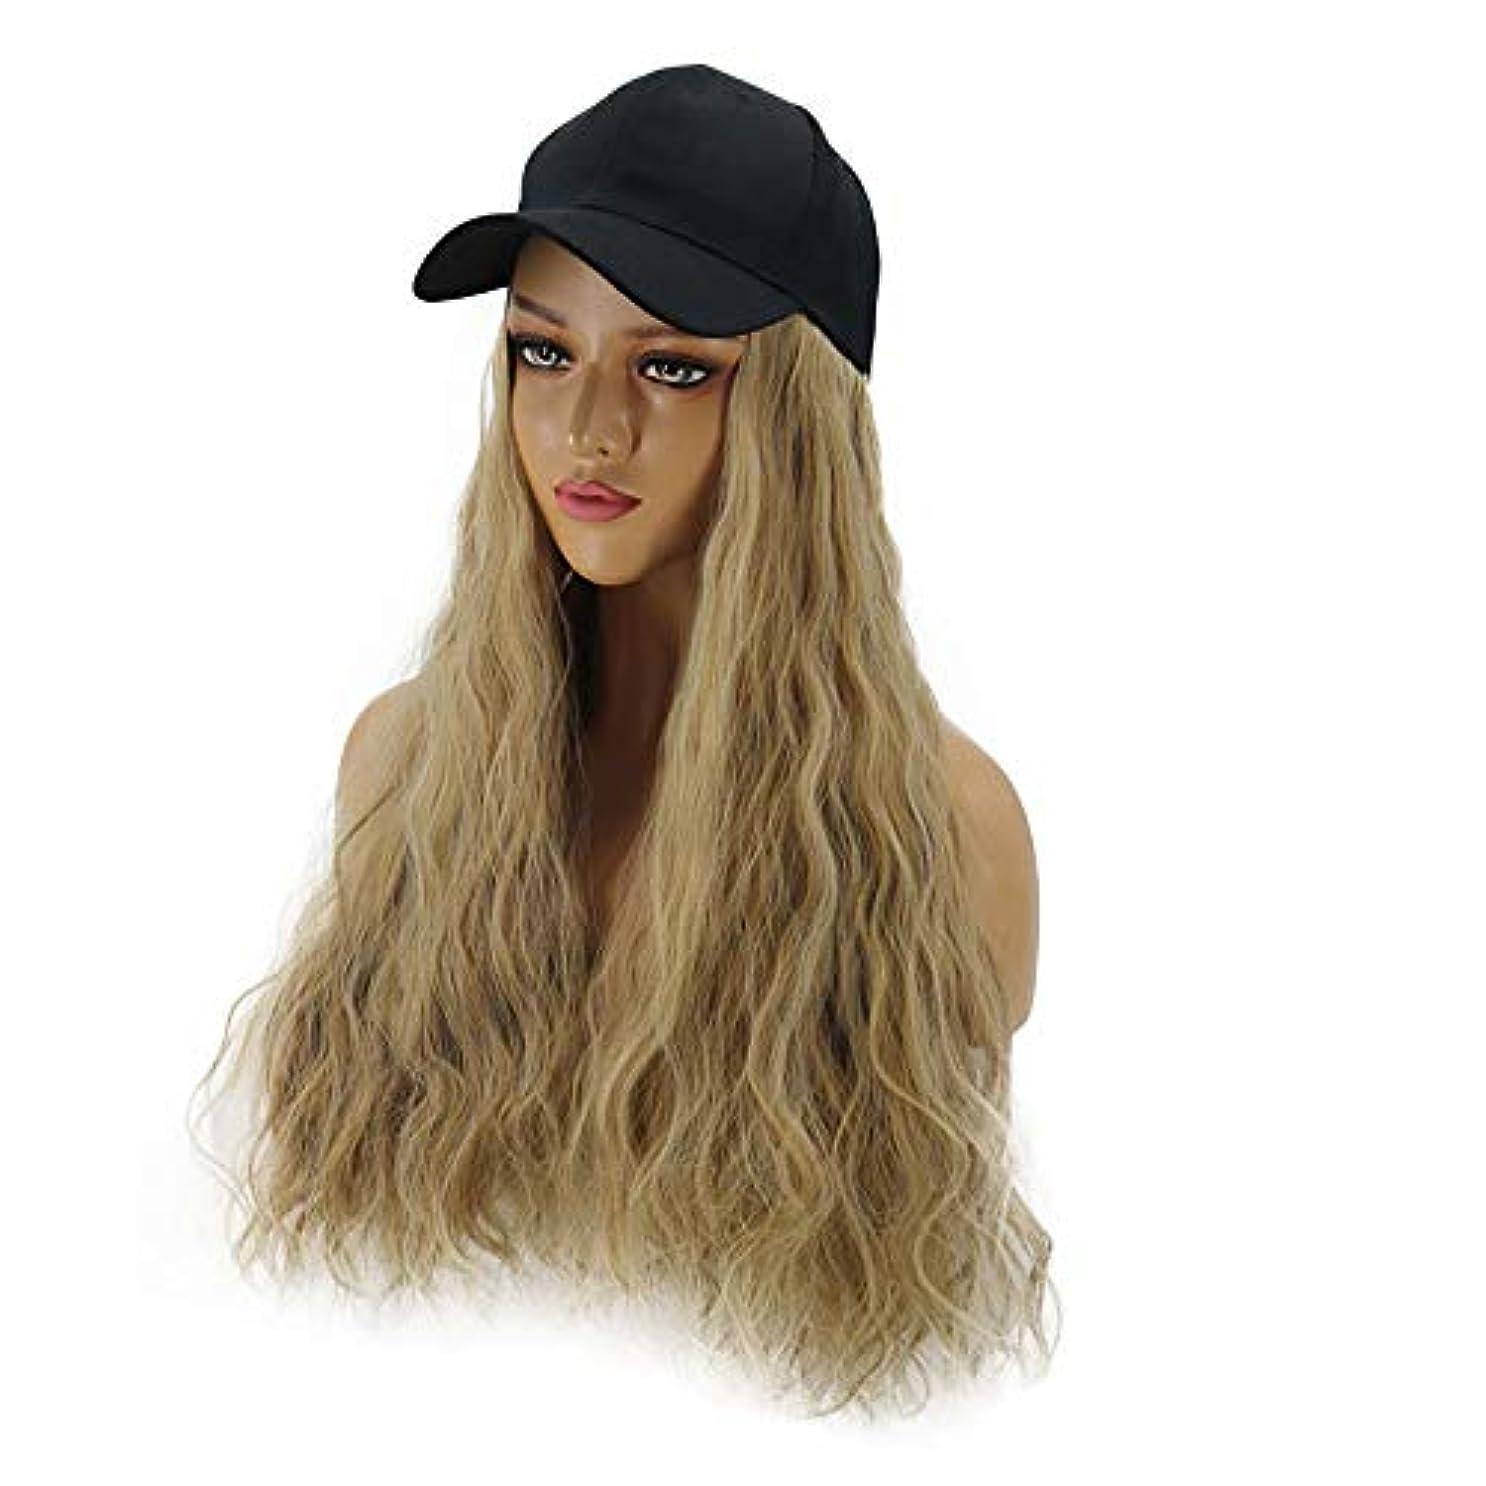 雇用側溝講堂HAILAN HOME-かつら ファッション女性ウィッグハットワンピース帽子ウィッグコーン型パーマミックスアンバー/ブラウン簡単ワンピース取り外し可能